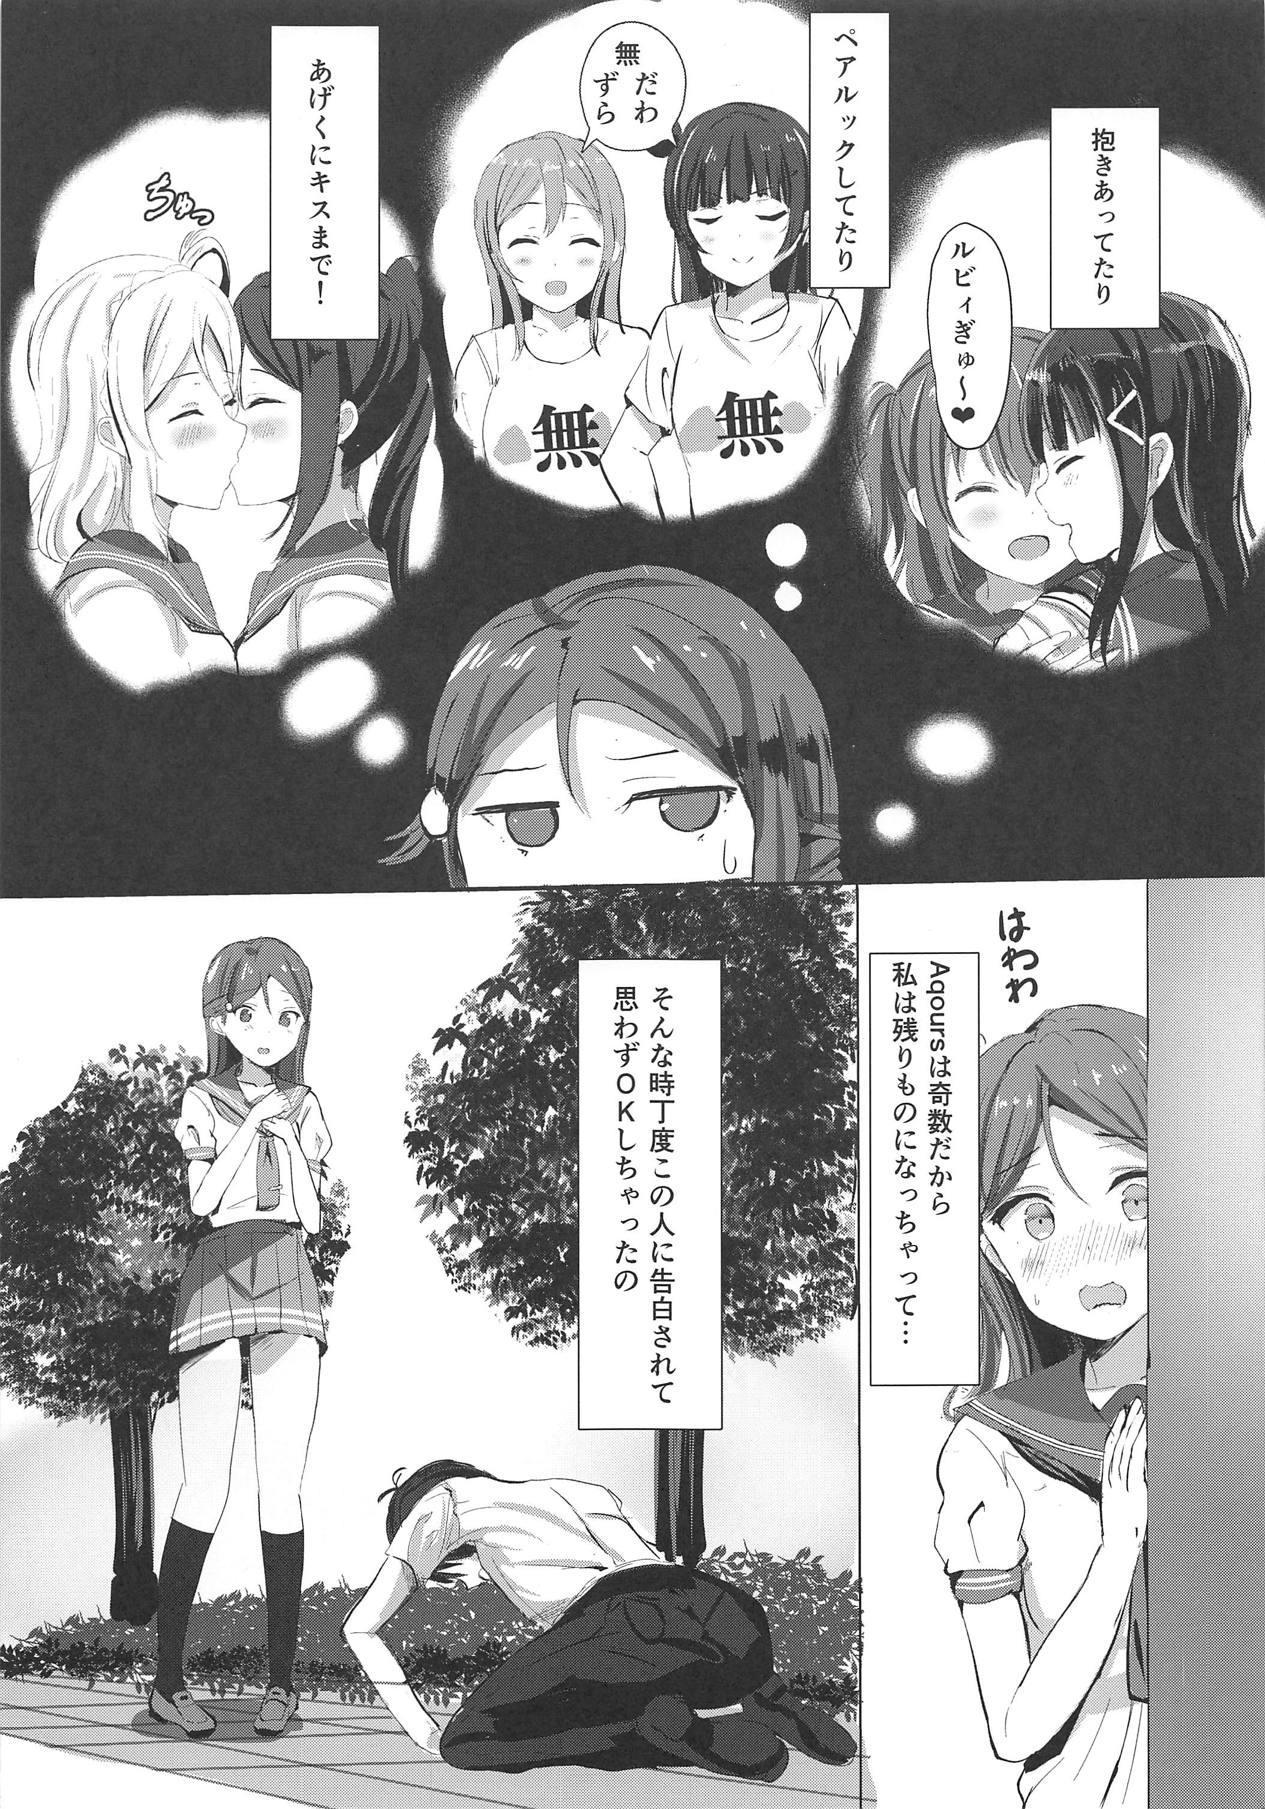 Yuuhi Terasu Sakurairo no Kanojo 7